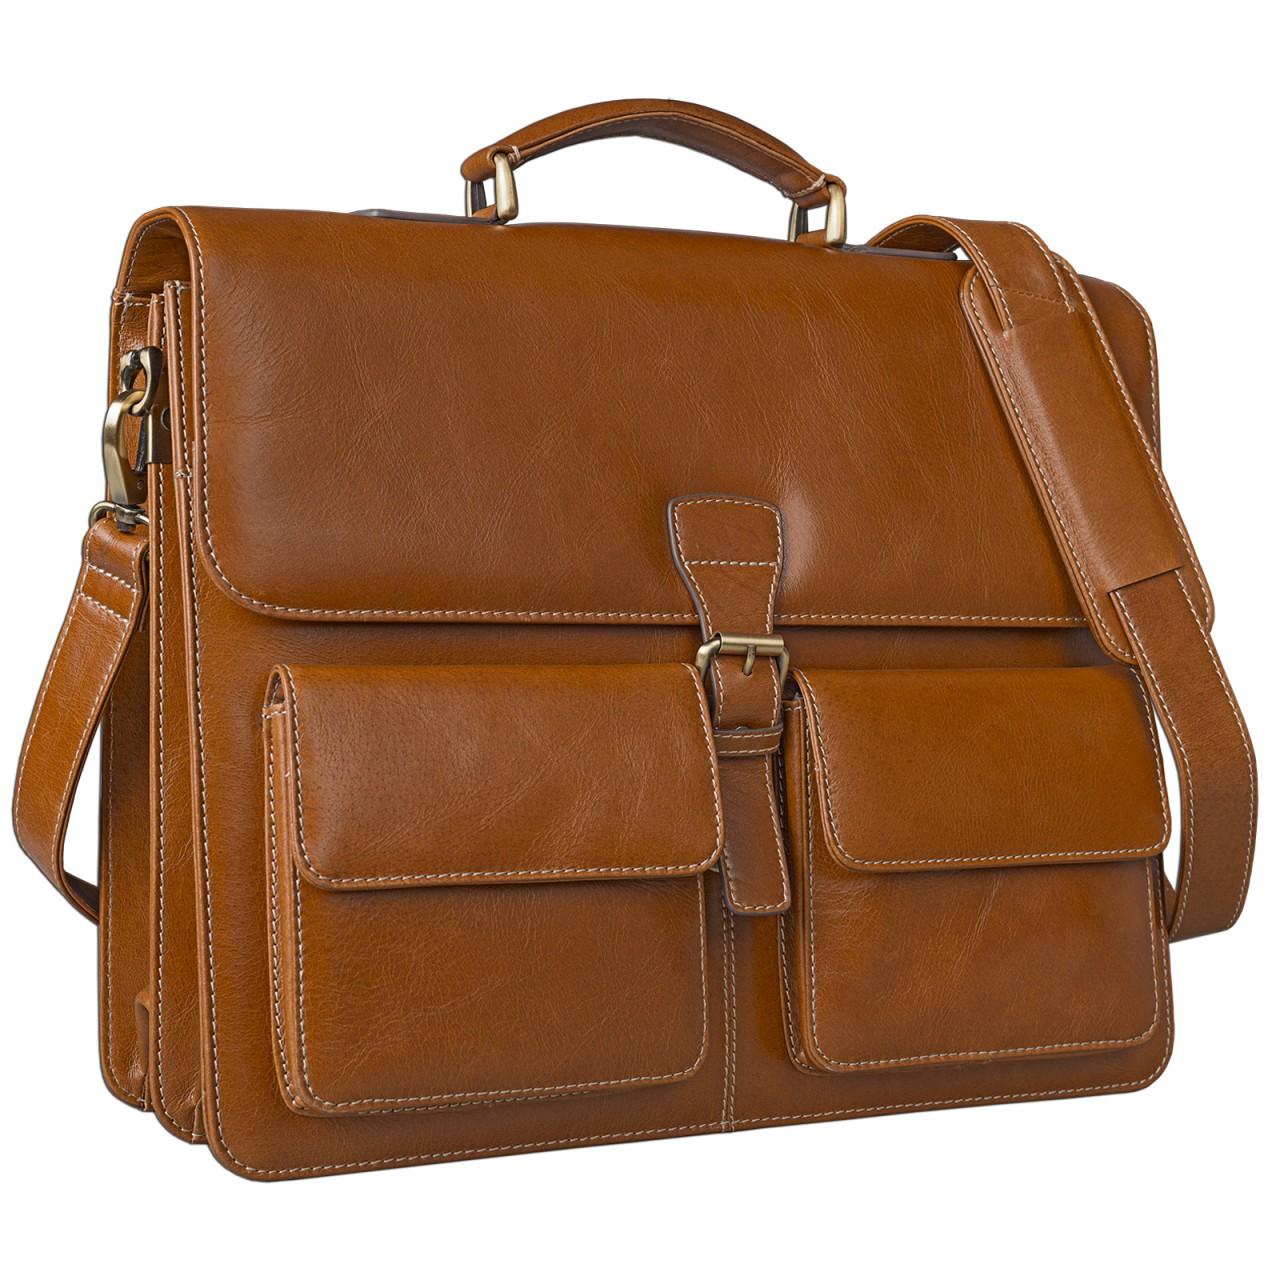 STILORD Businesstasche / Lehrertasche abnehmbarer Schultergurt Umhängetasche Aktentasche 15.6 Zoll Laptop Rinds Leder, cognac braun - Bild 1